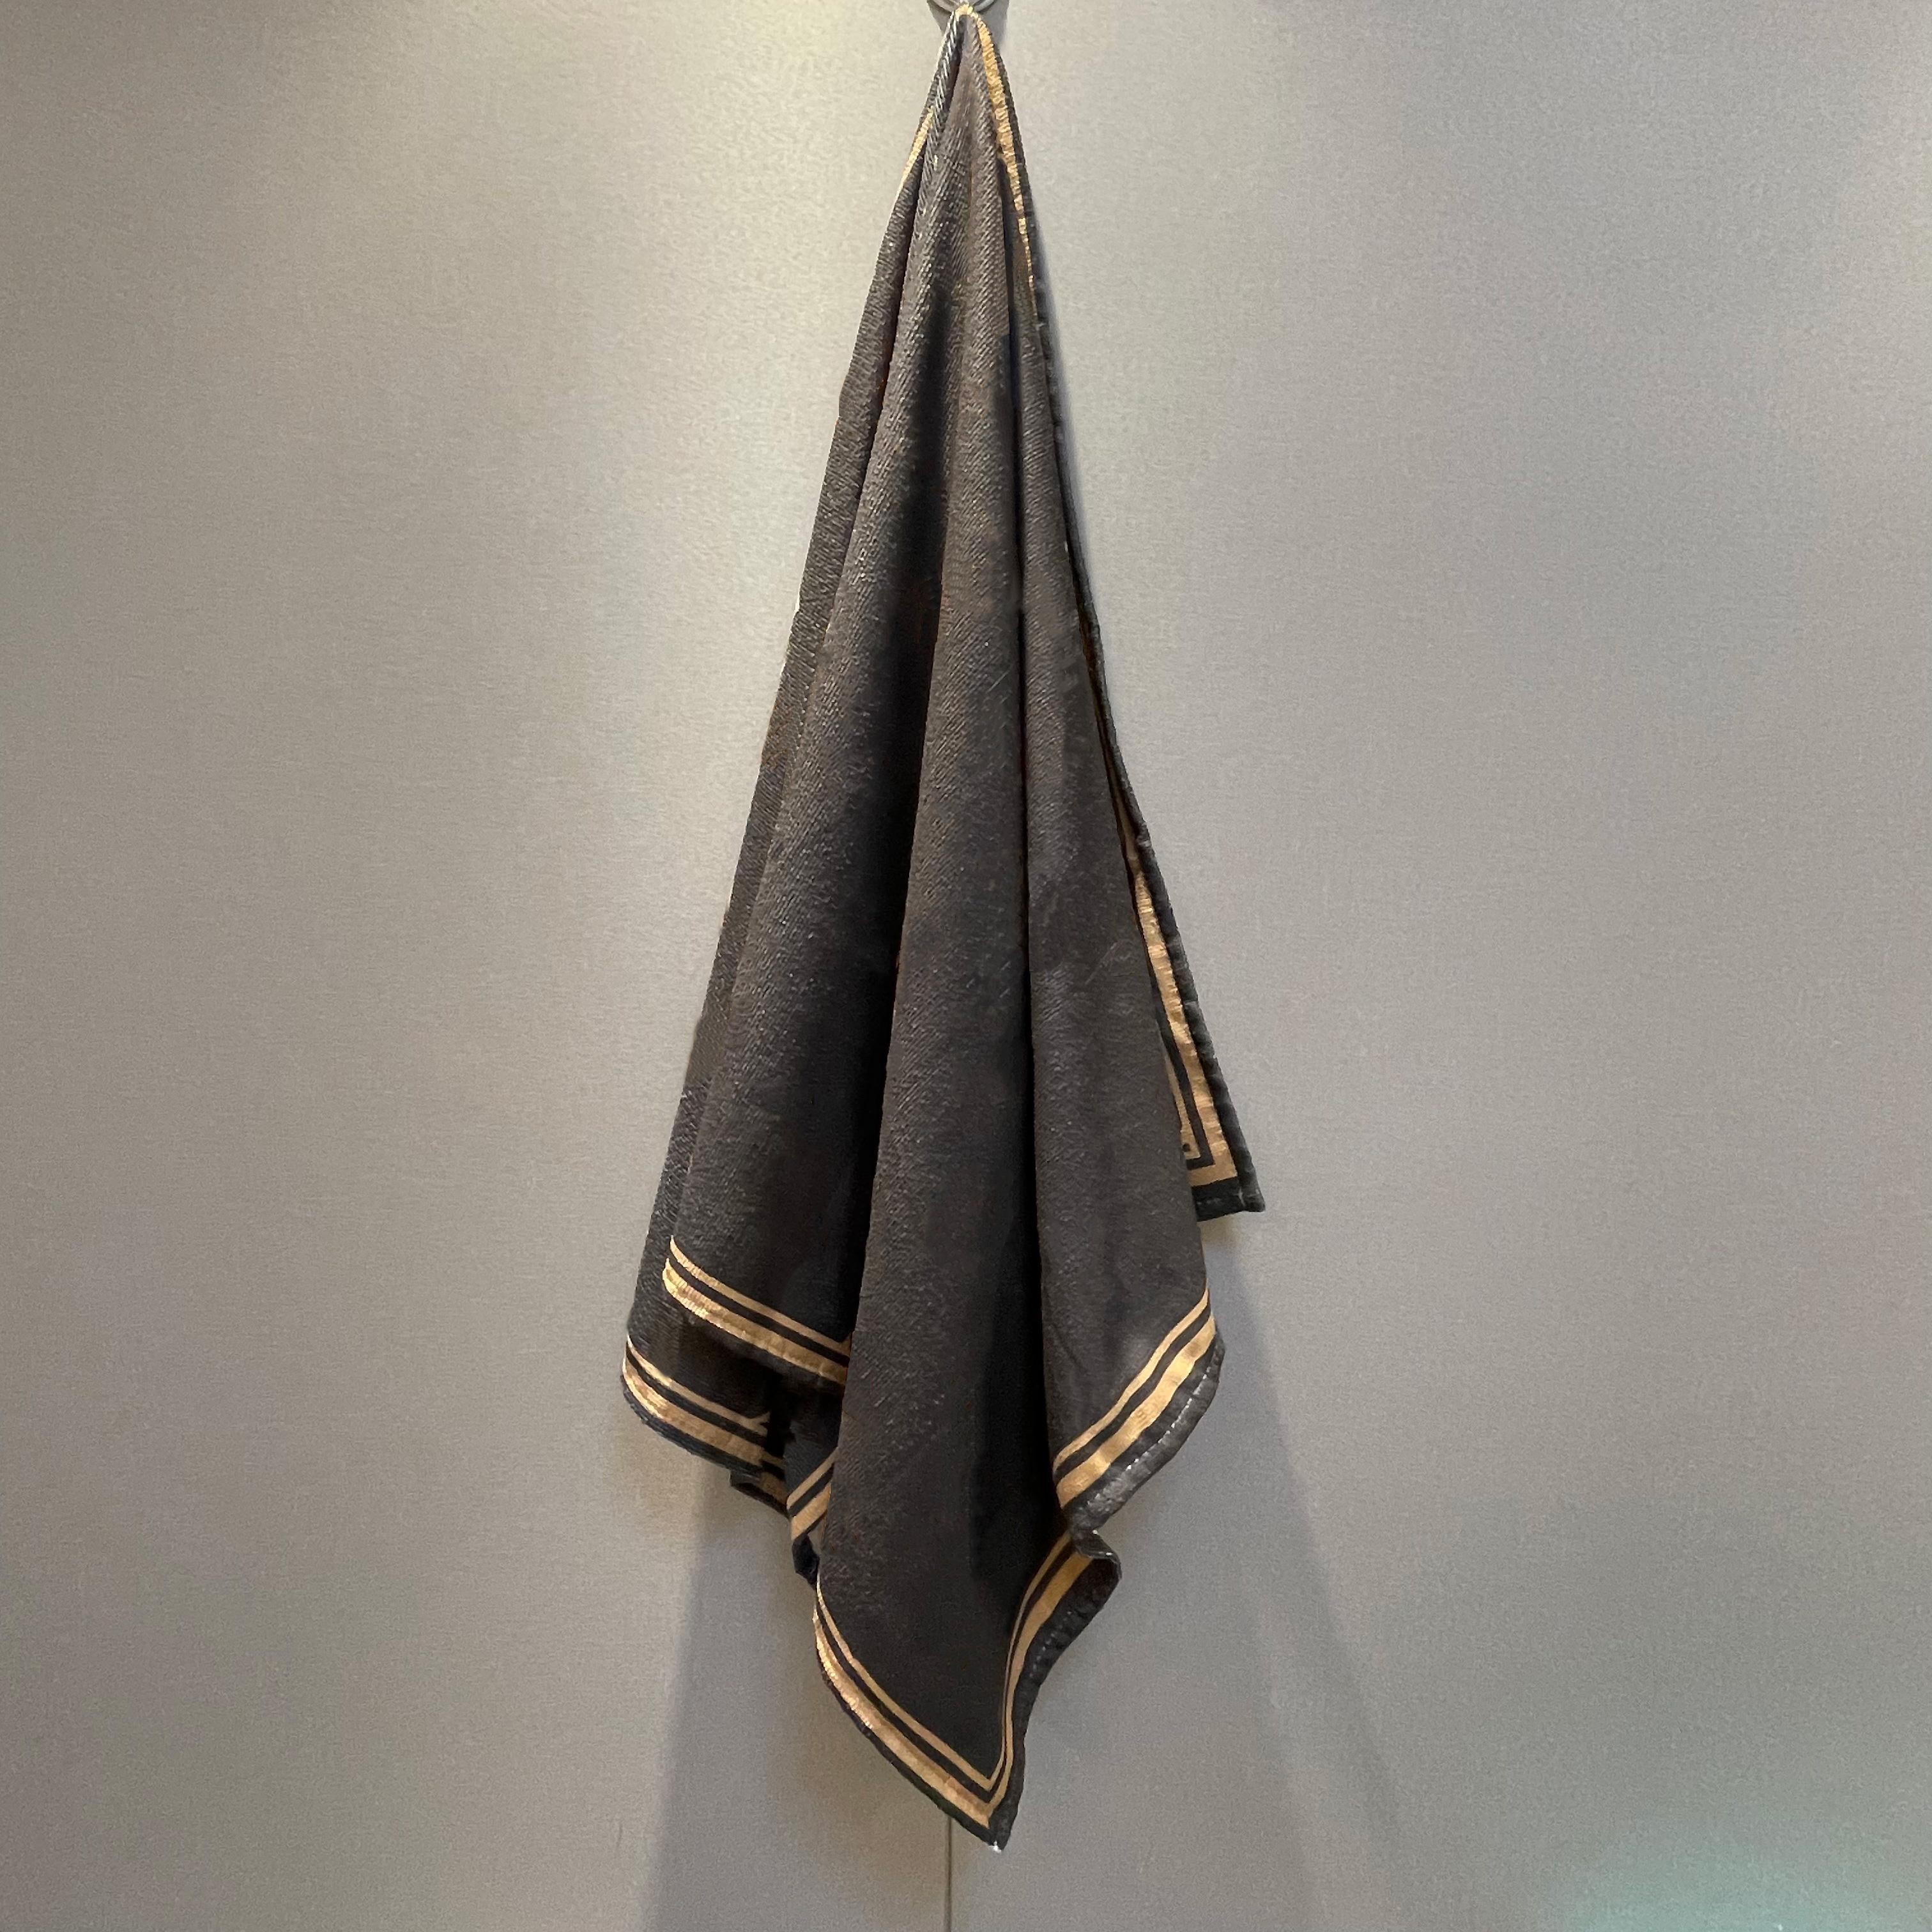 Высококачественные роскоши дизайнеры Beach Beach Towels Письмо напечатаны из микрофибры ткань для ванного полотенца для гостиной дома декоративное одеяло